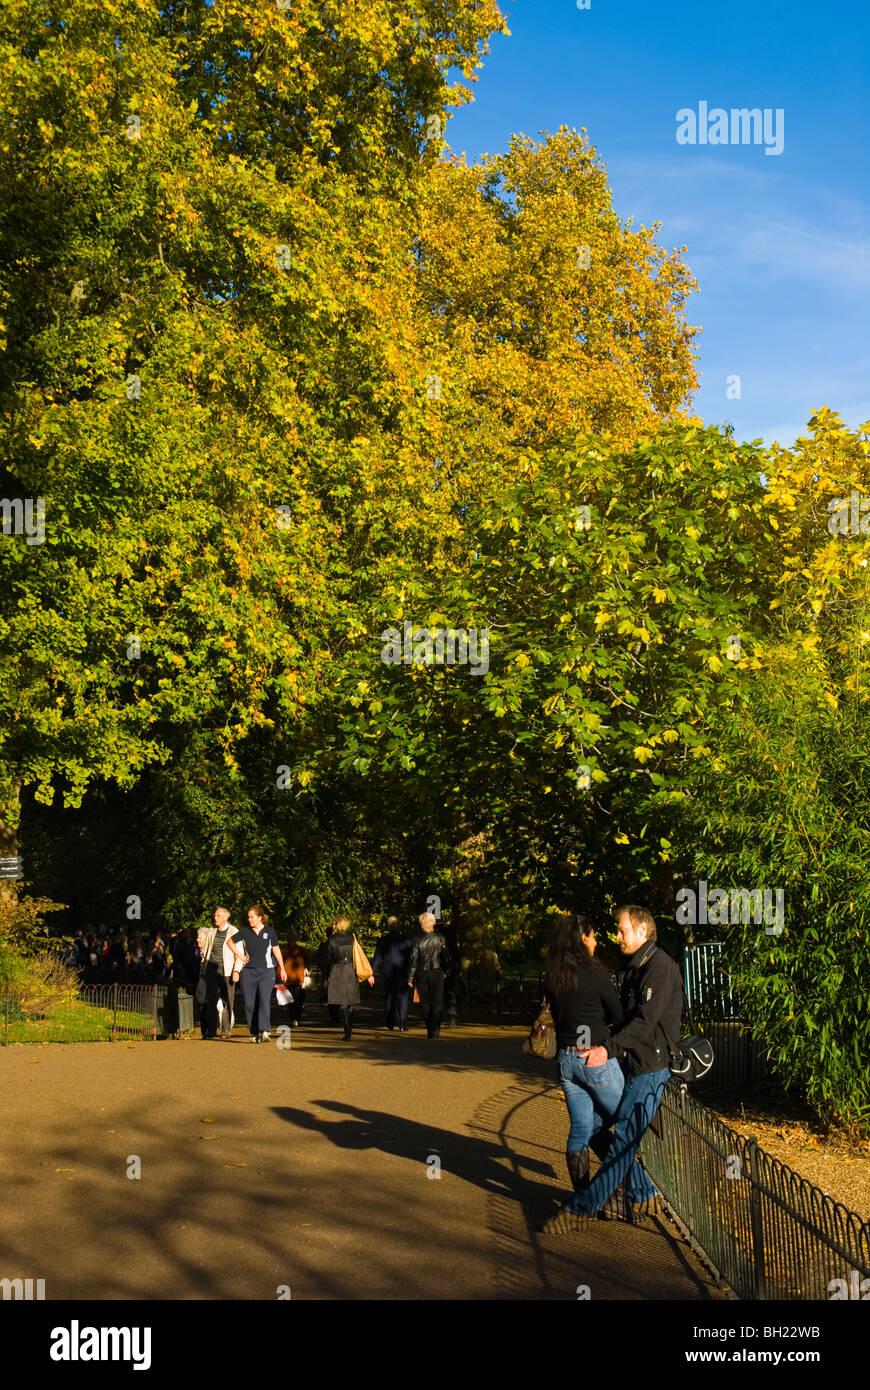 St James's Park London England UK Europe - Stock Image